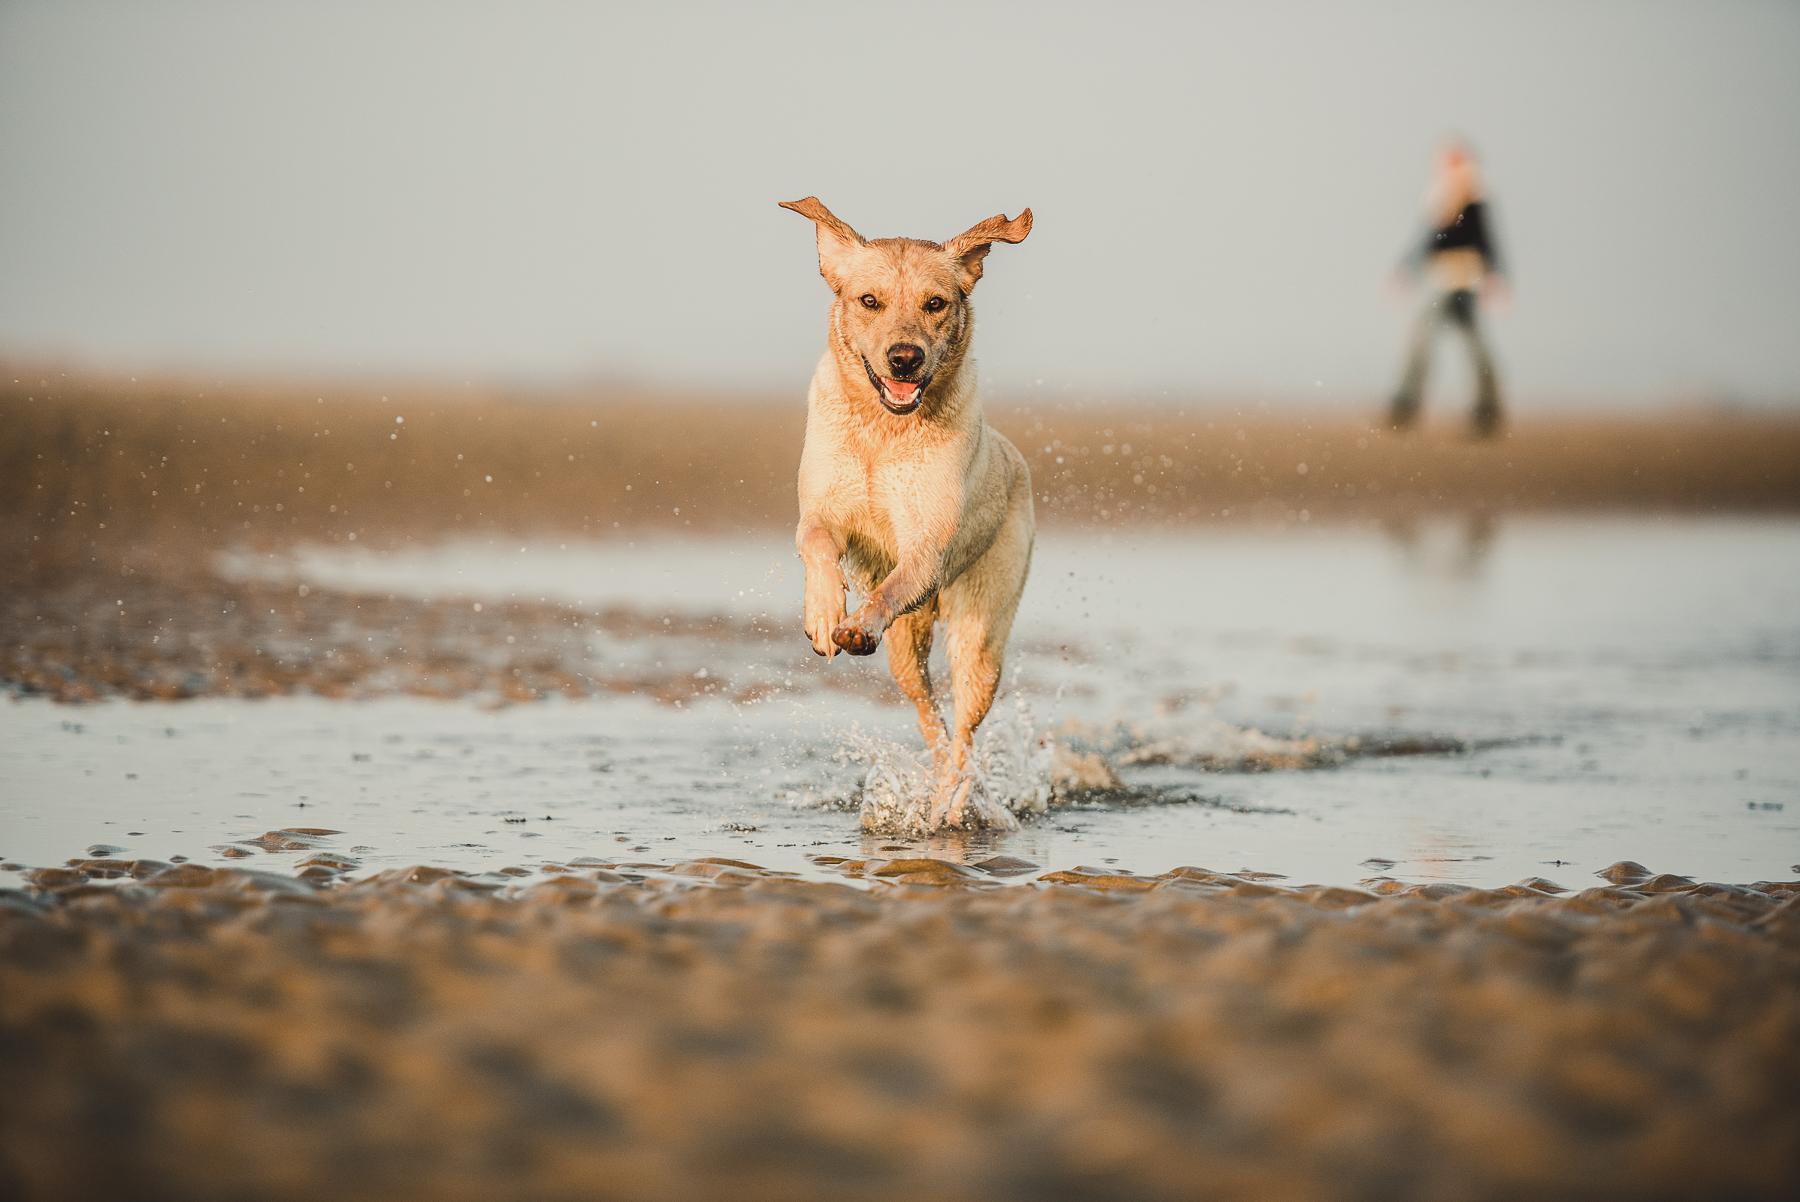 Labrador running through water